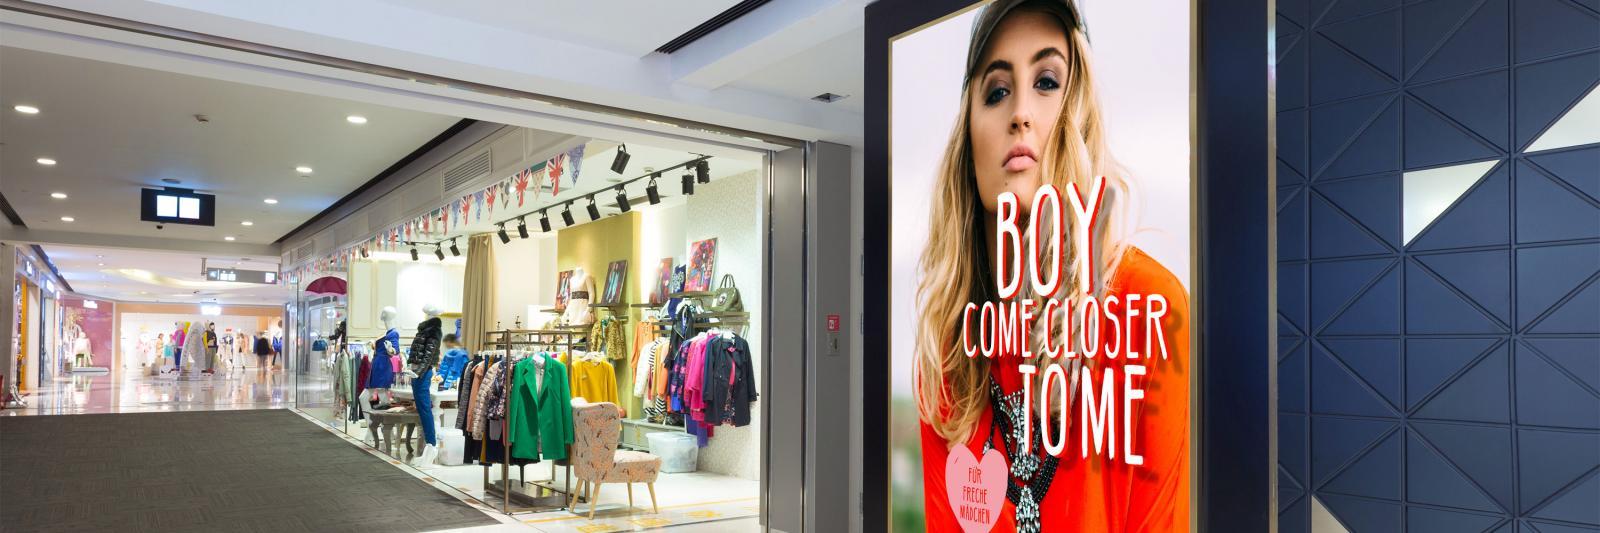 Druckmedien für Werbung -Einkaufspassage mit Leuchtkasten Mode